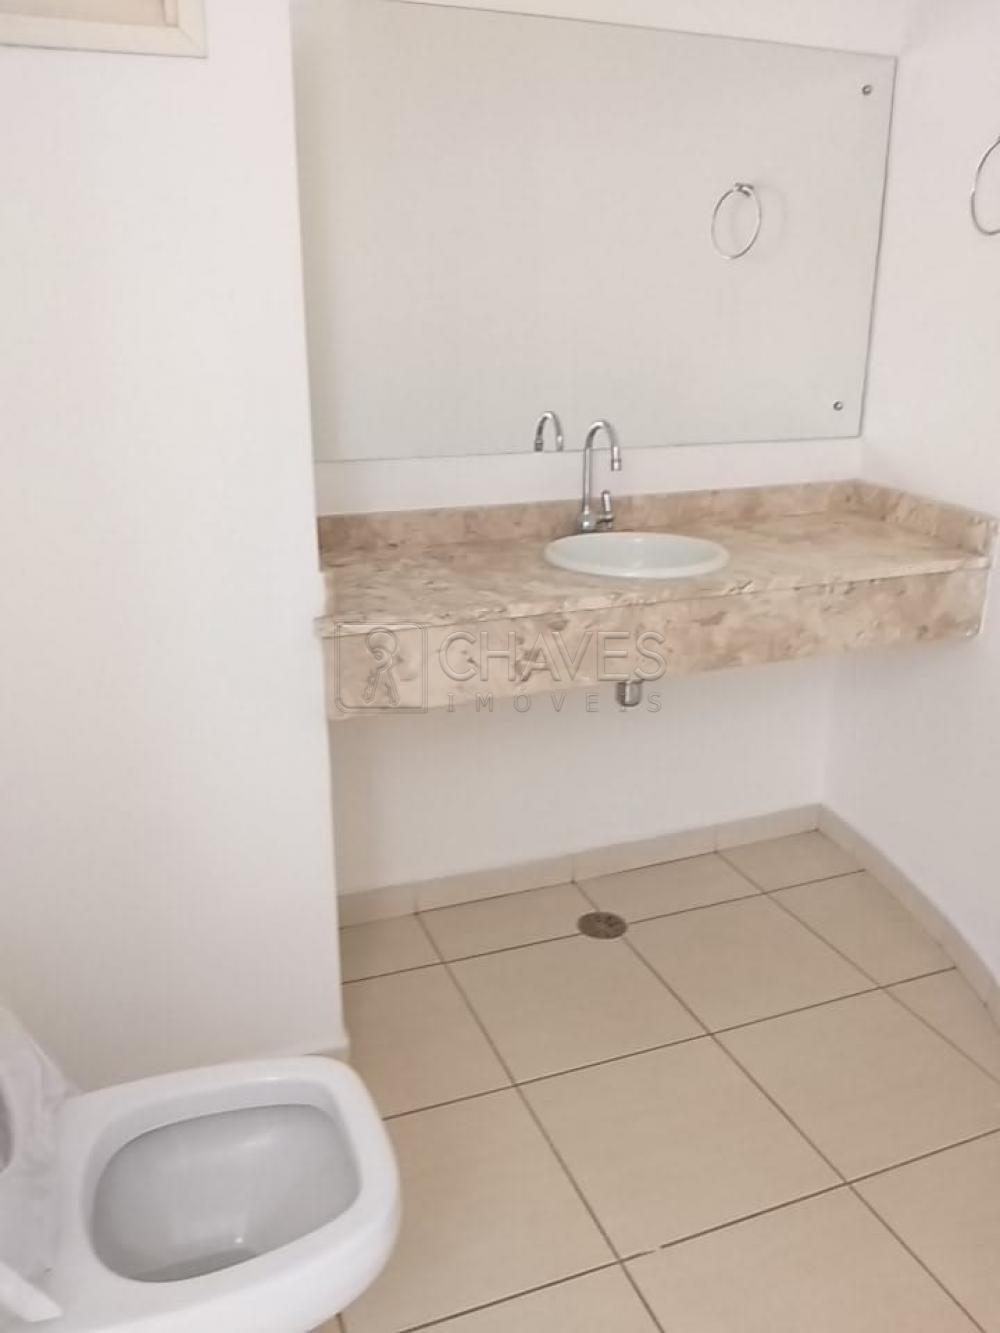 Alugar Apartamento / Padrão em Ribeirão Preto R$ 1.750,00 - Foto 7